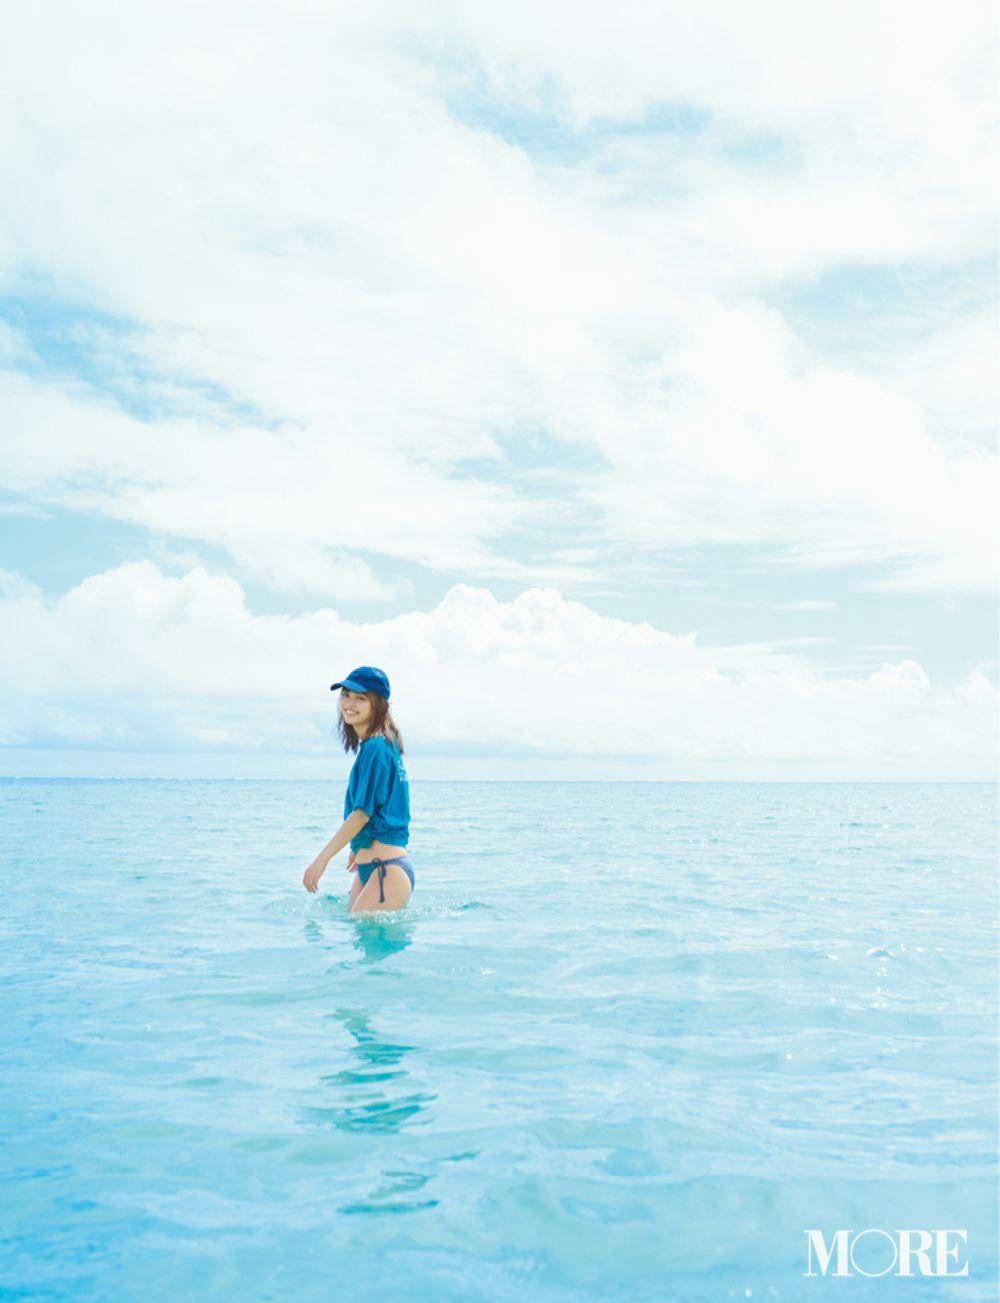 大人に似合うおしゃれな水着特集《2019年版》- ビキニ、ワンピースetc. 可愛いトレンド水着まとめ_7